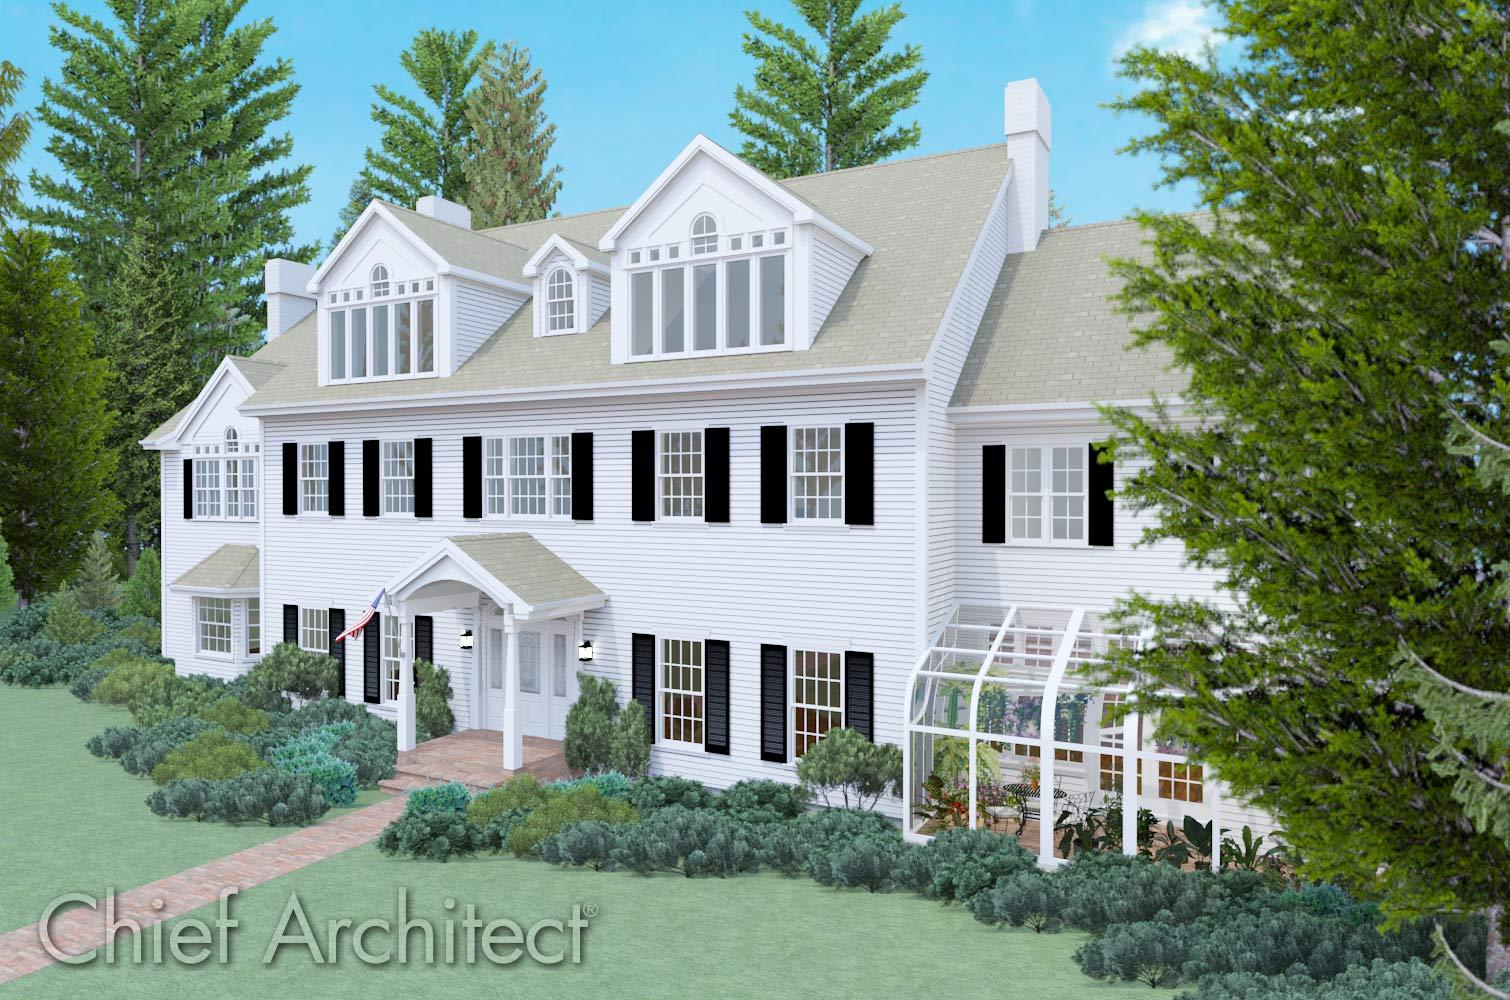 chief architect home design - photo #42